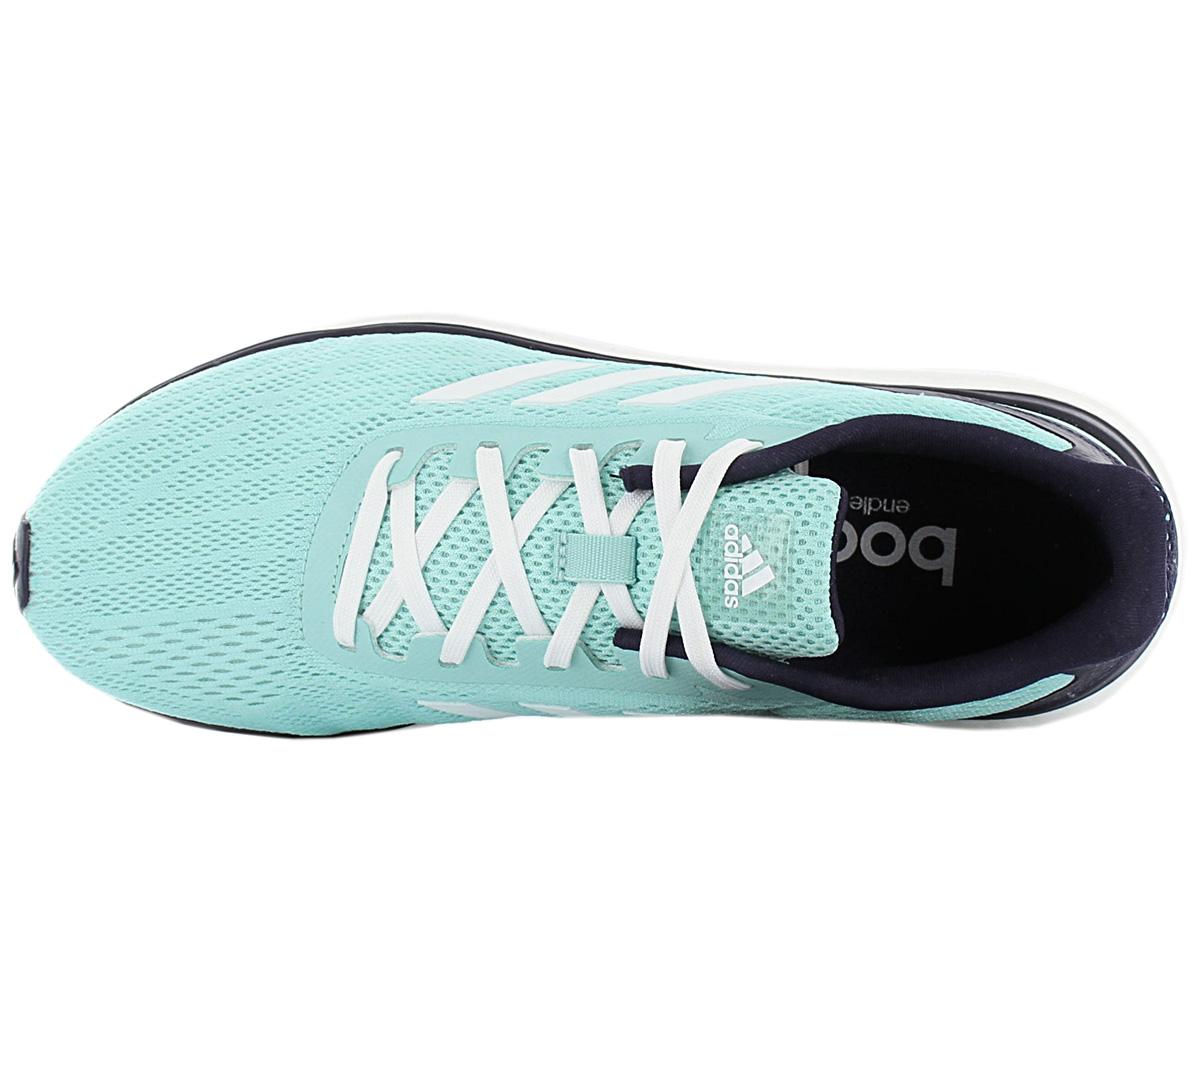 Details zu adidas Response Boost LT W Damen Laufschuhe BB3628 Running Sport Schuhe Türkis